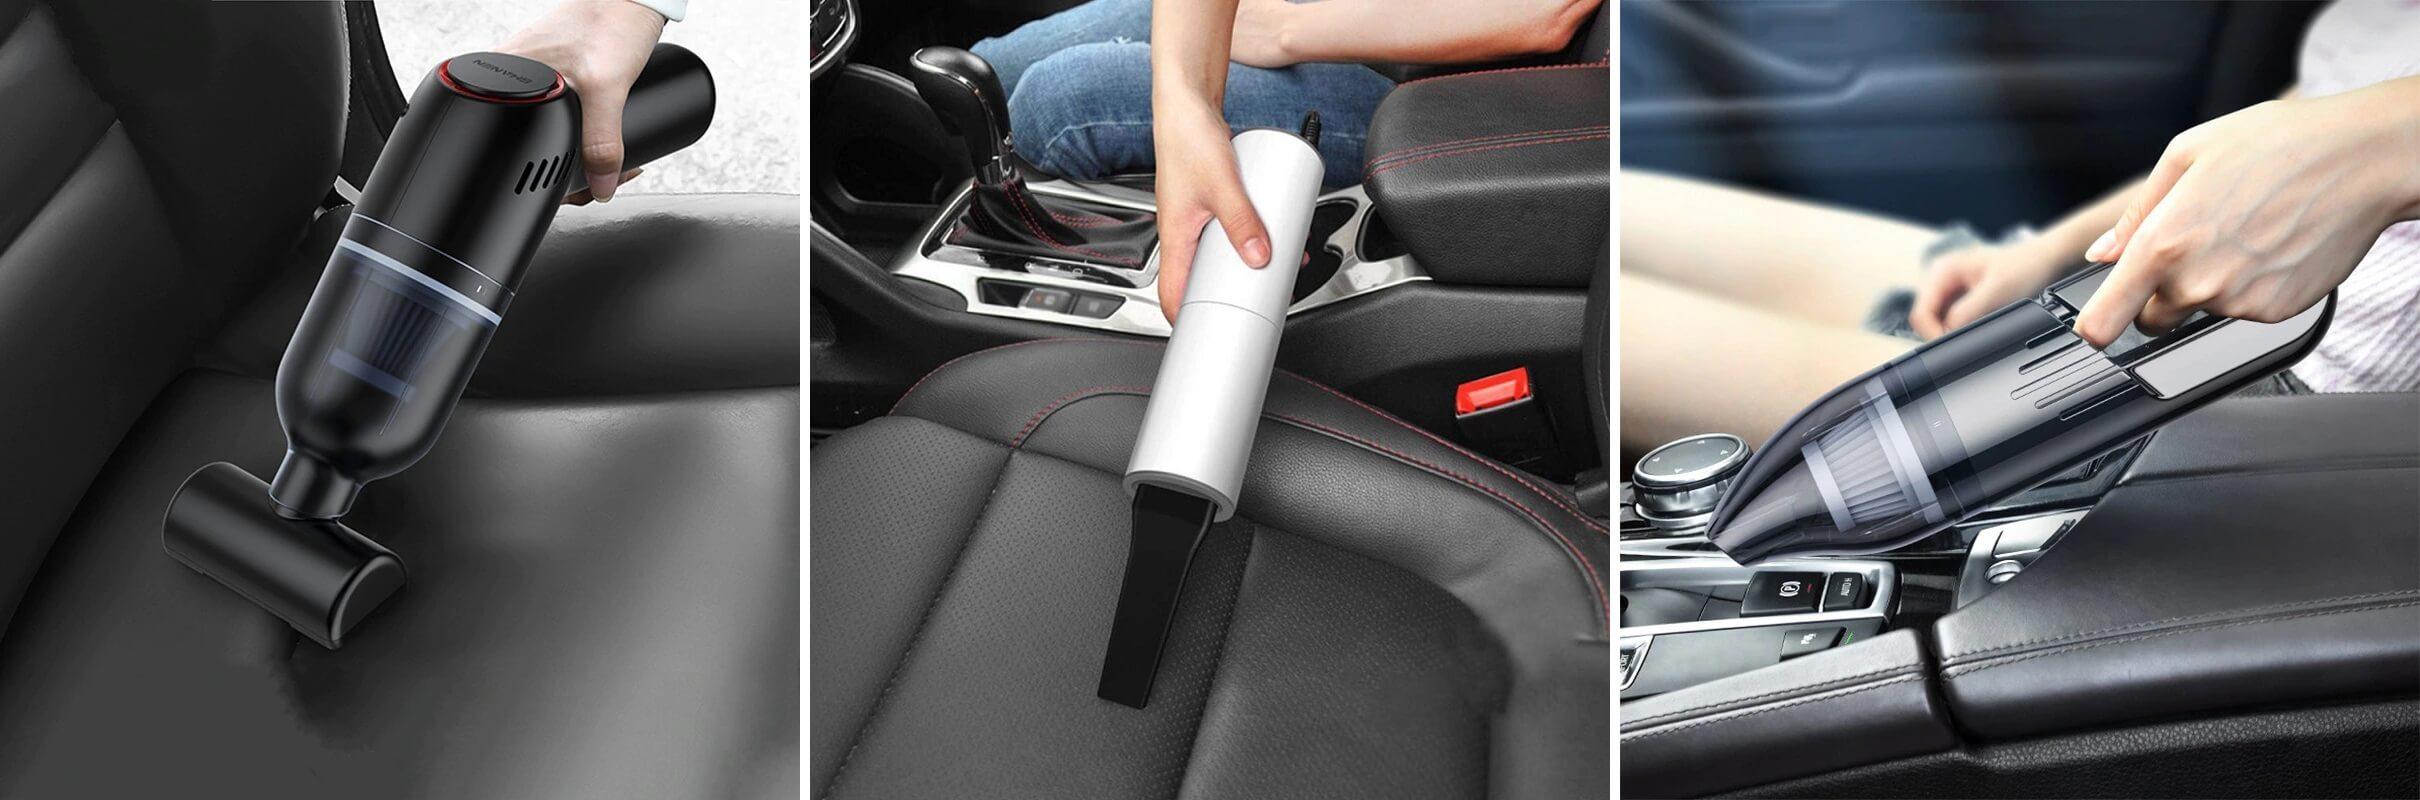 ТОП-10 автомобильных пылесосов с Алиэкспресс